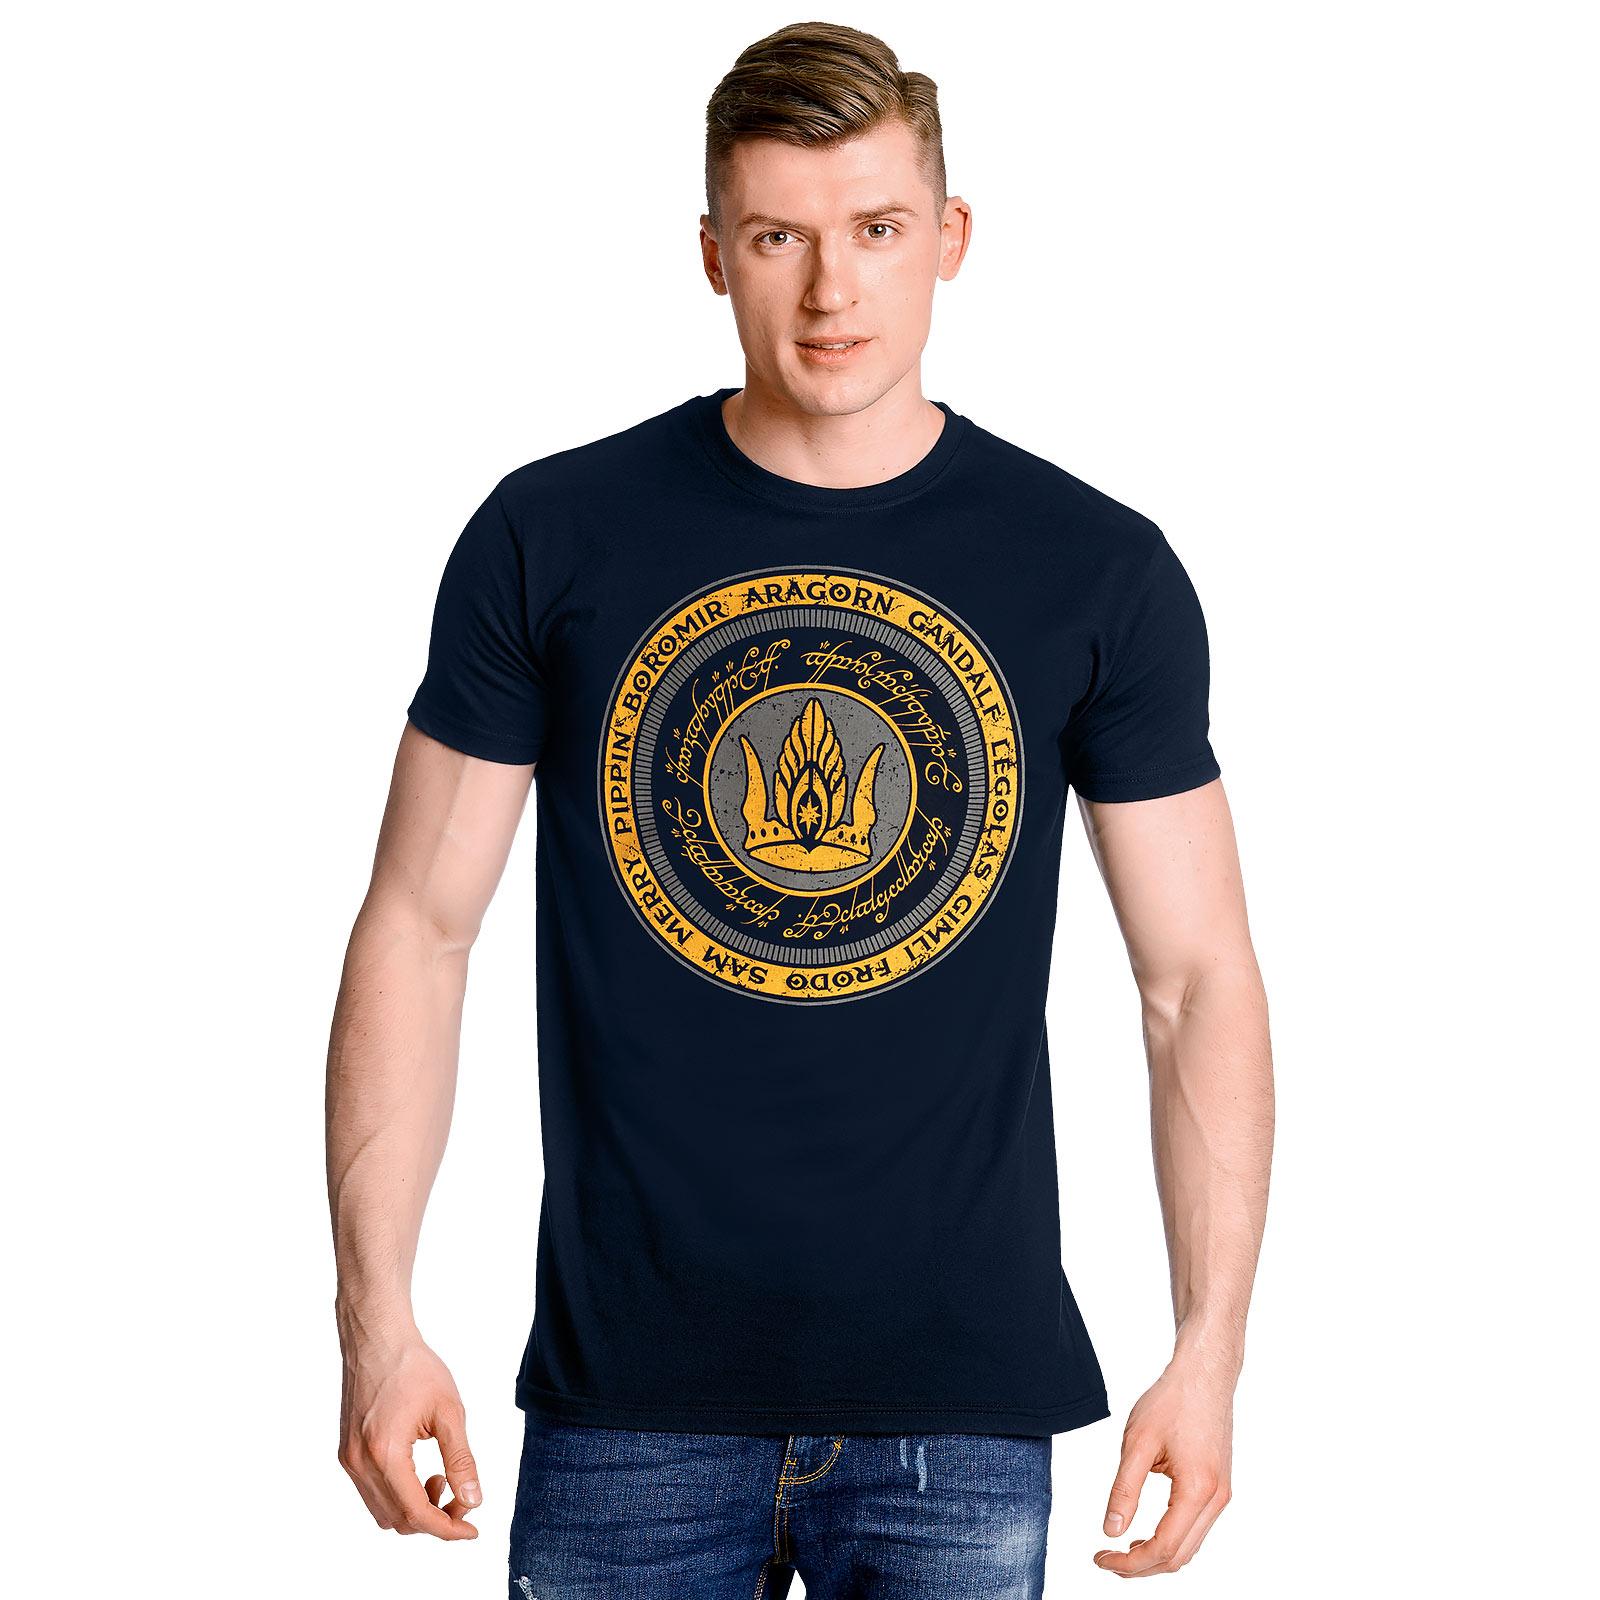 Herr der Ringe - Gemeinsam für Gondor T-Shirt blau